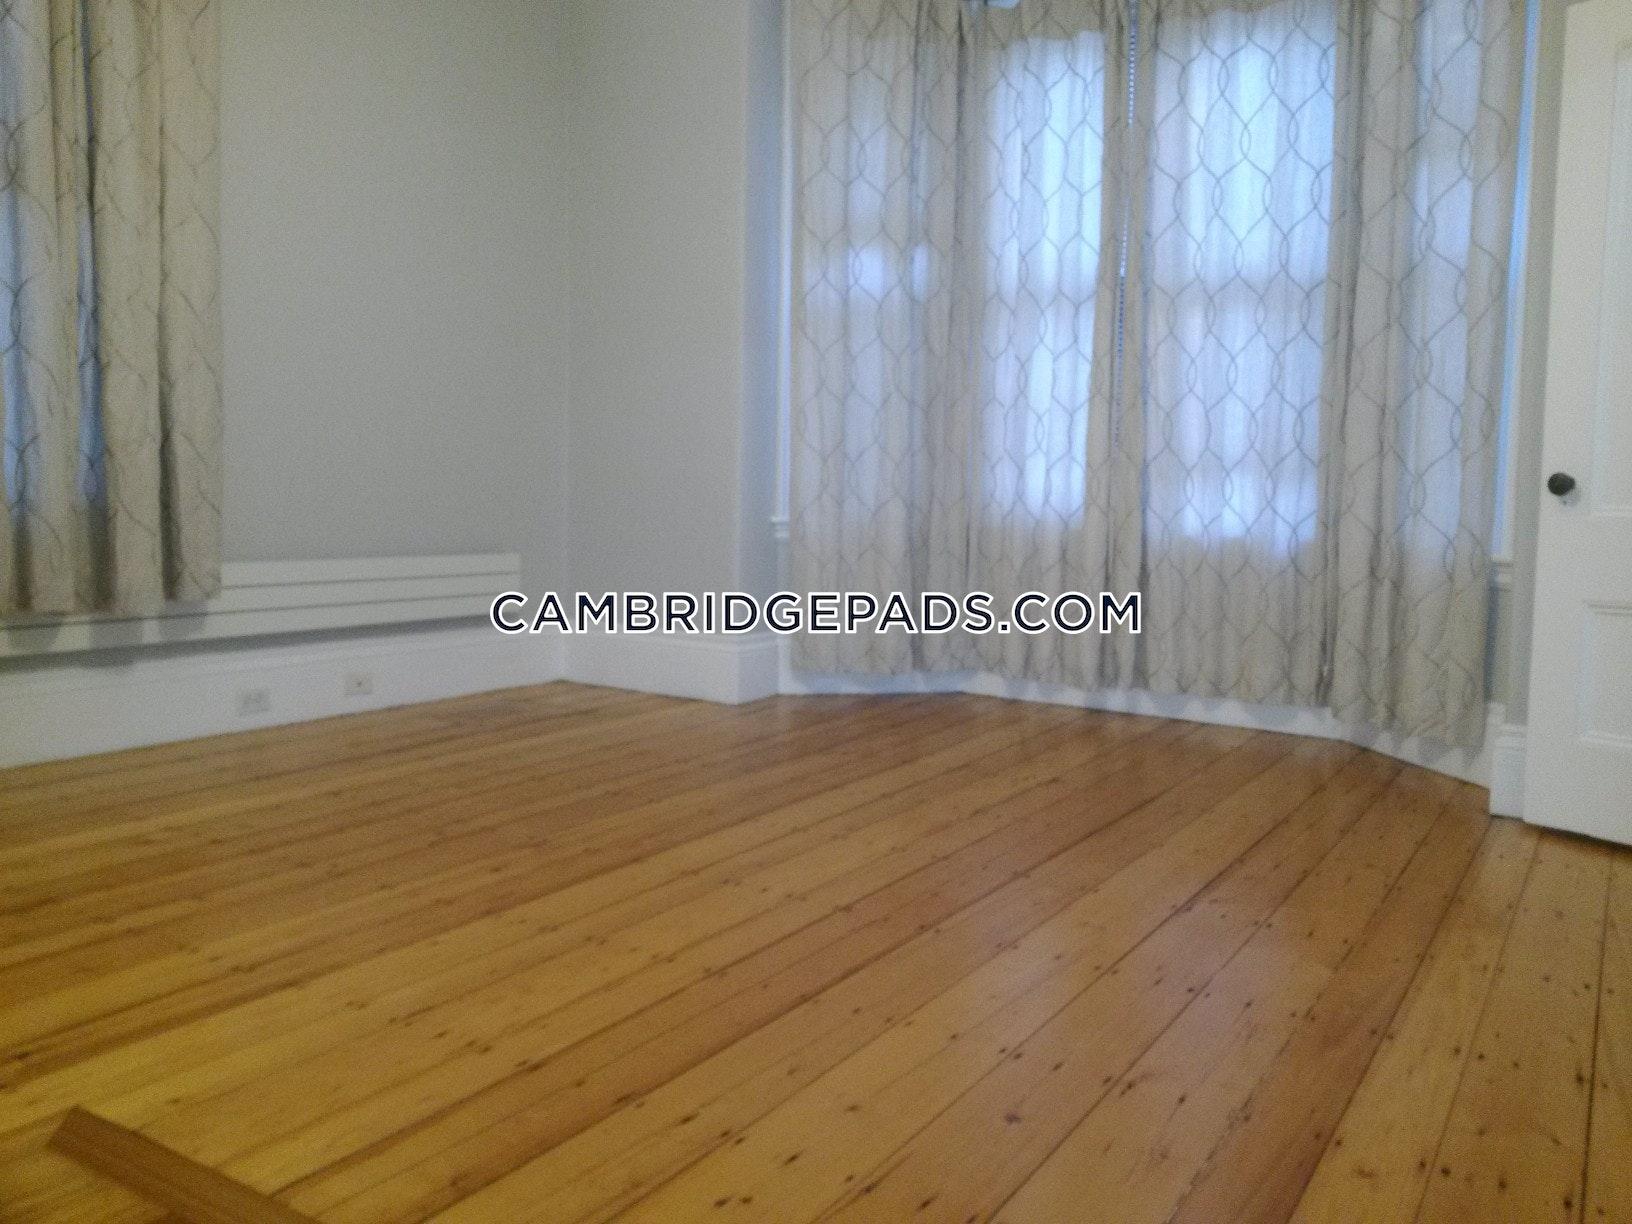 CAMBRIDGE - HARVARD SQUARE - $6,100